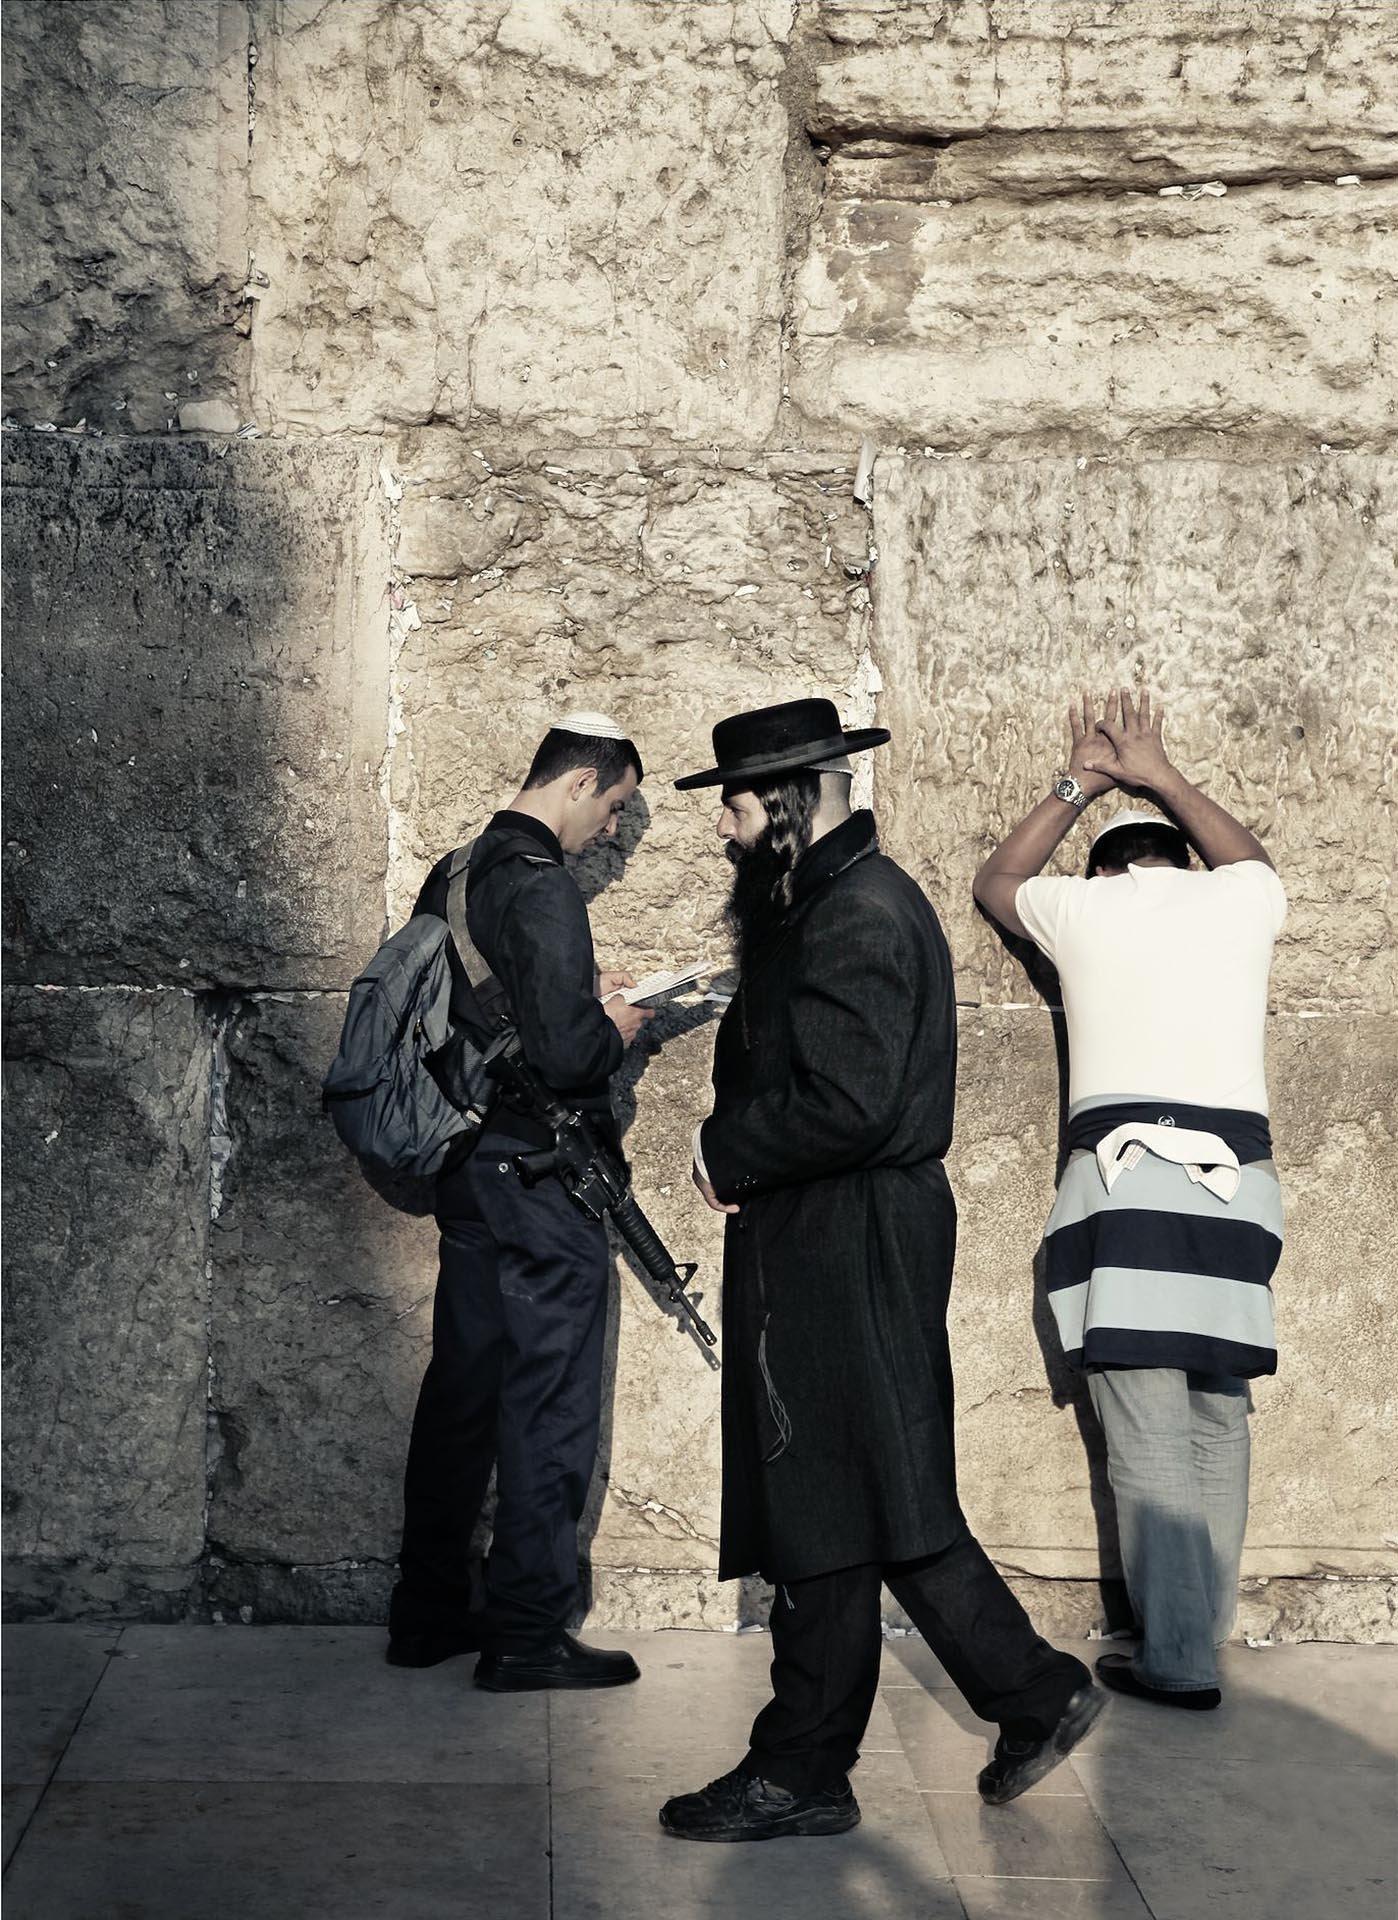 Israel-western wall- Kenneth.jpg